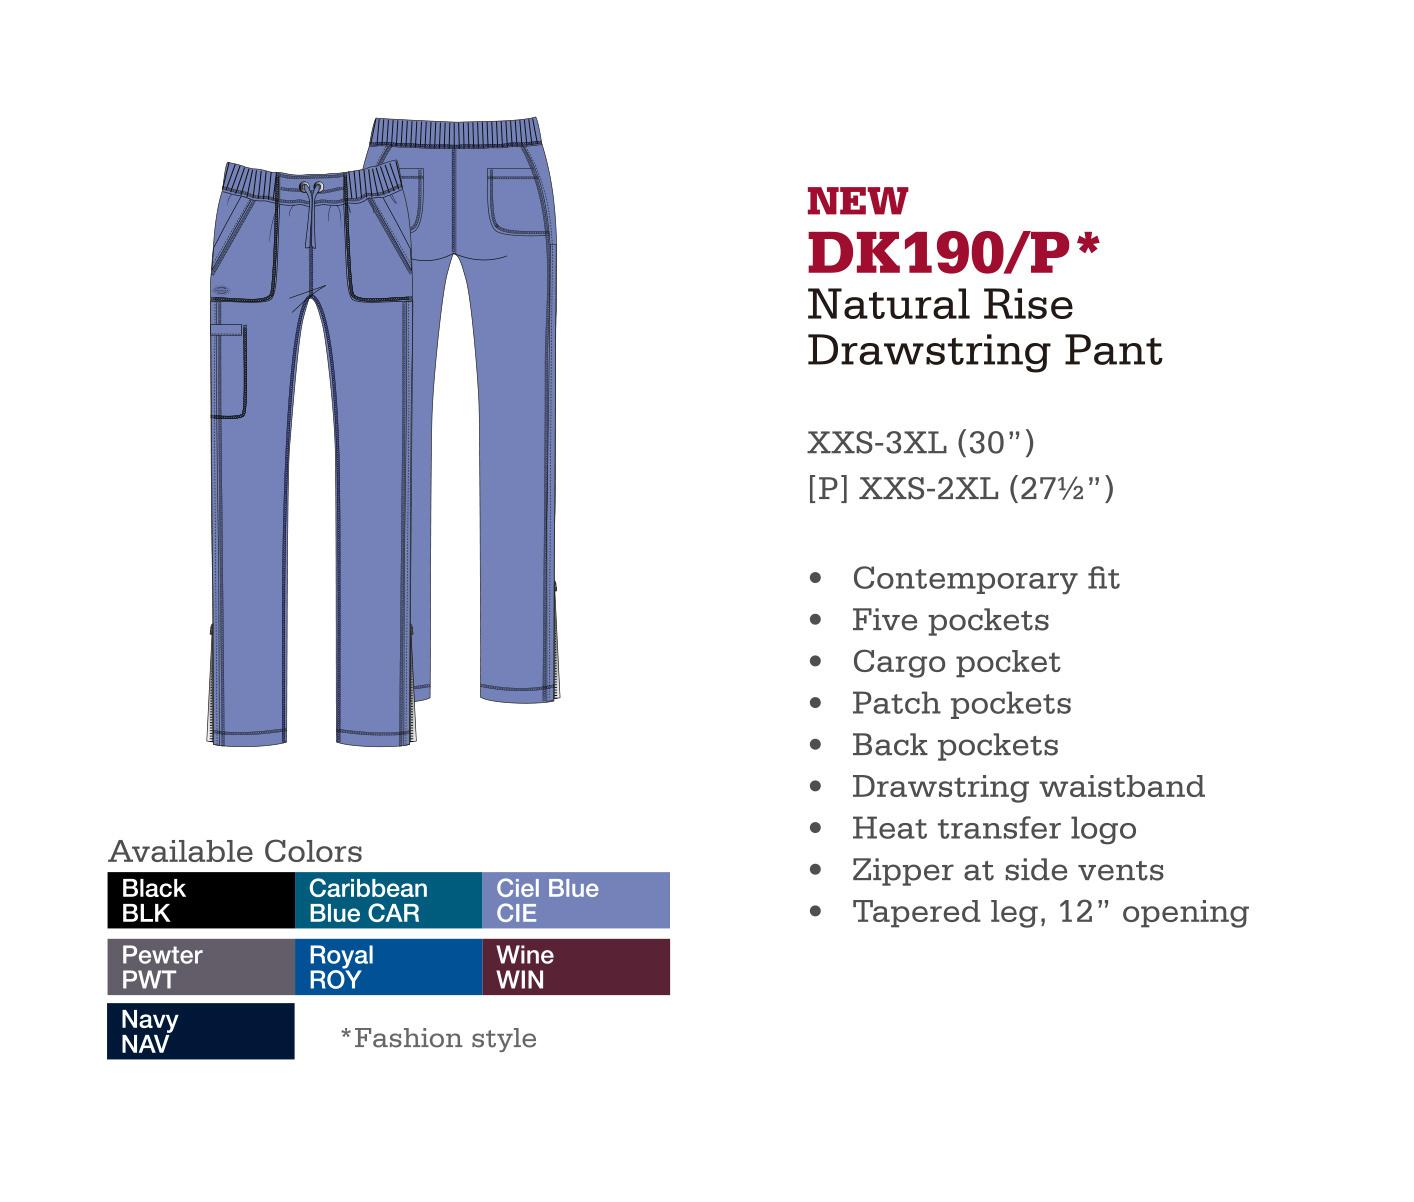 Pantalón con Cordones de Levantado Natural. DK190/P.